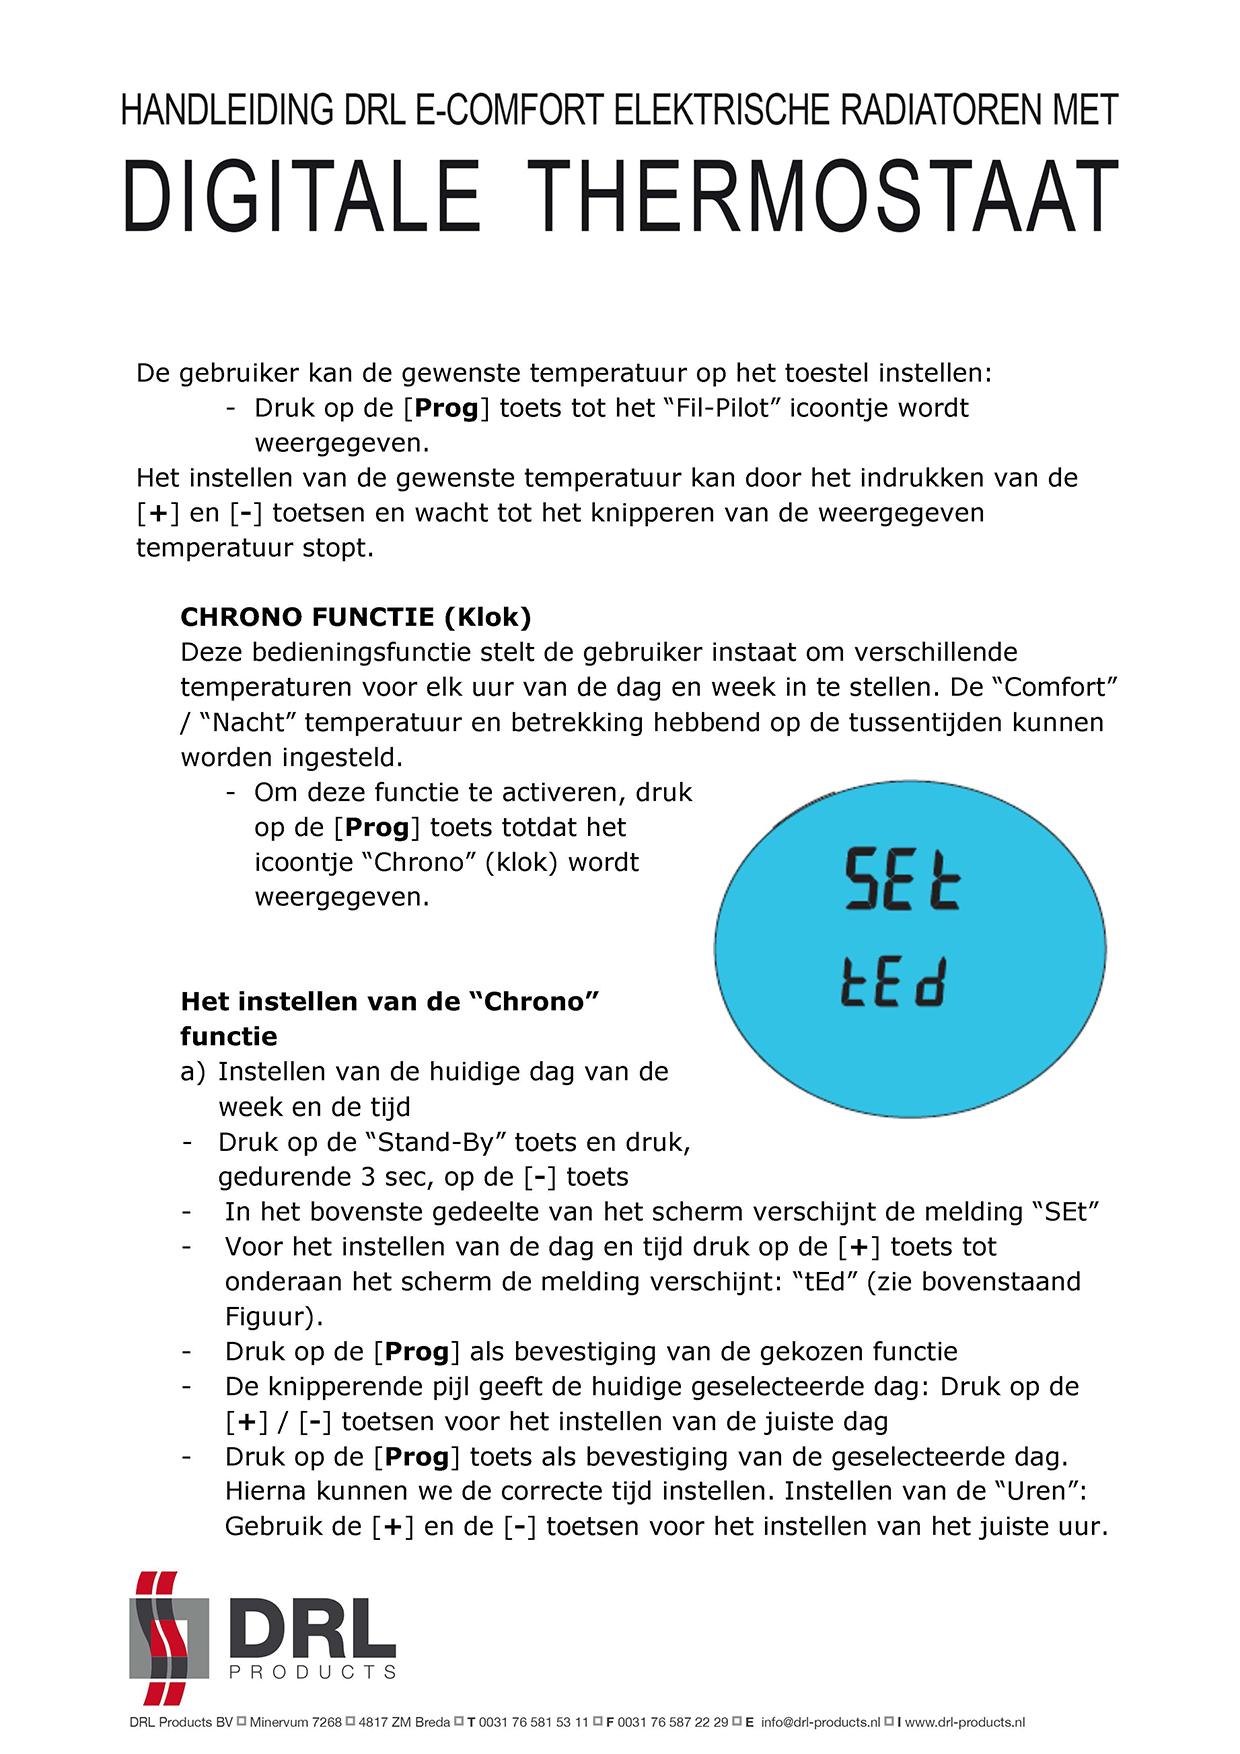 H_70_DRL_E_Comfort_Claudia_DIGITAAL_Thermostaat_GebruikersInstructie_NL_Pagina_14_WEB